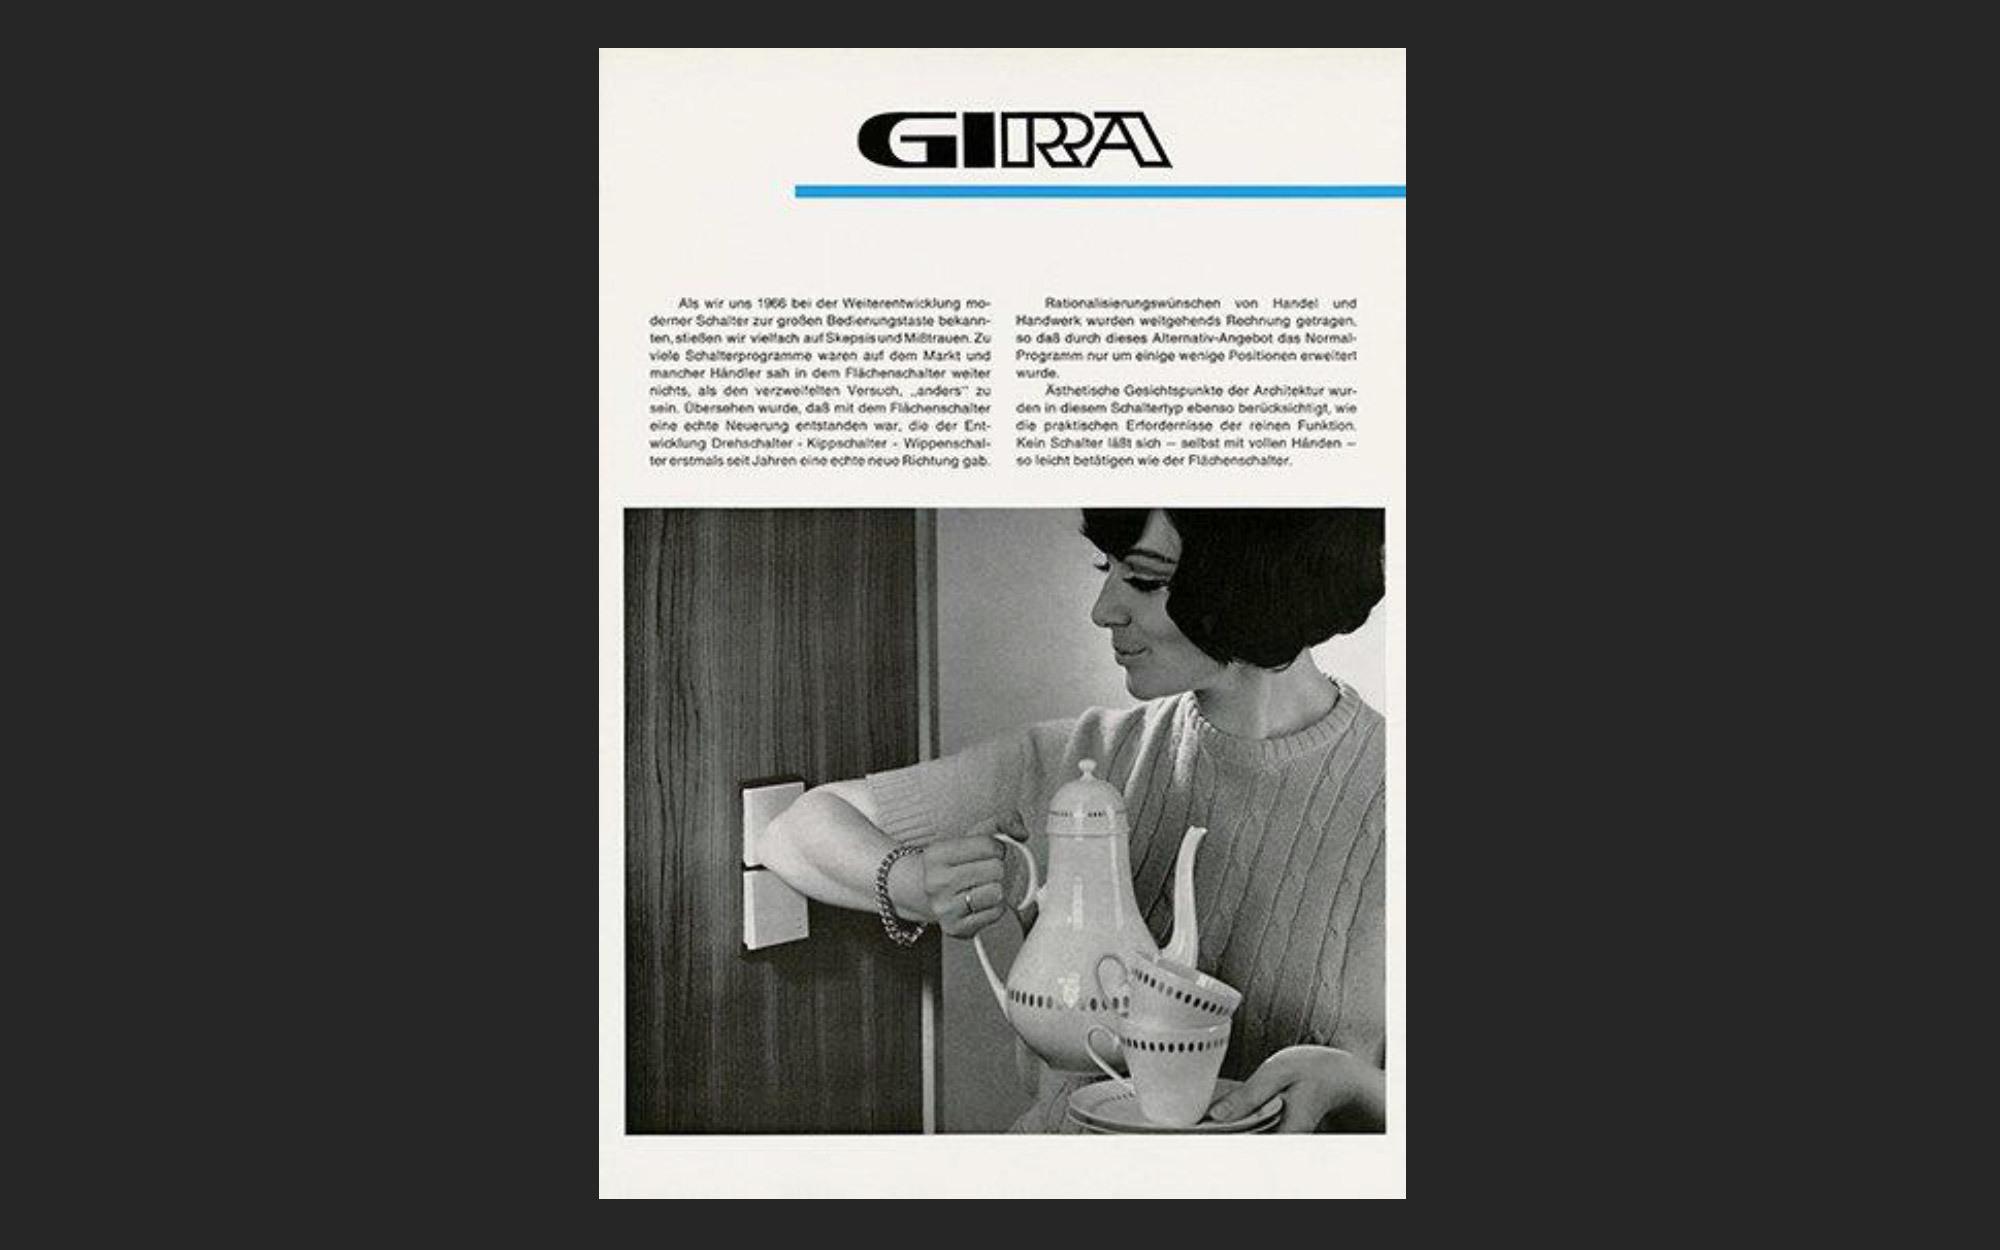 Gira Broschüre aus dem Jahr 1966